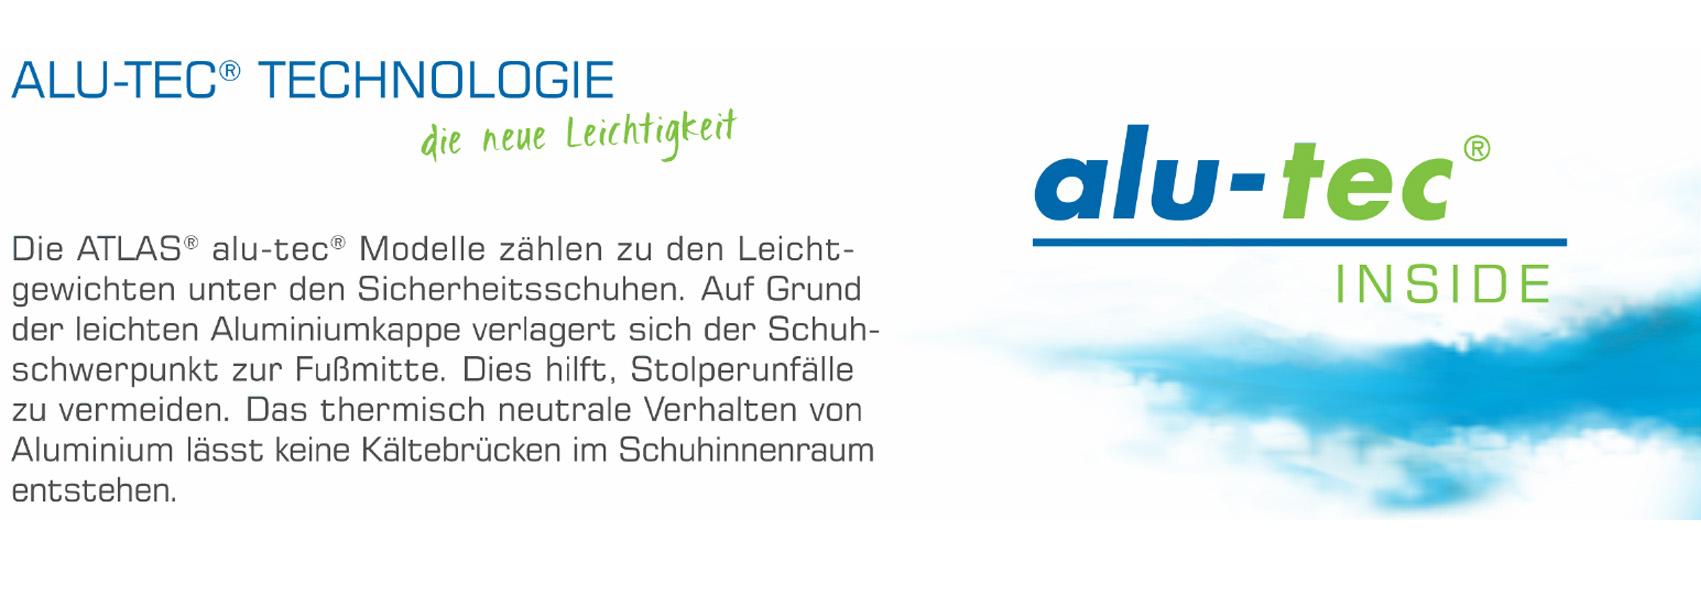 ALU-TEC® Technologie - die neue Leichtigkeit: Die ATLAS® alu-tec® Nodelle zählen zu den Leichtgesichten unter den Sicherheitsschuhen. Aufgrund der leichten Aluminiumkappe verlagert sich der Schuhschwerpunkt zur Fußmitte. Dies hilft, Stolperunfälle zu vermeiden. Das thermisch neutrale Verhalten von Aluminium lässt keine Kältebrücken im Schuhinnenraum entstehen.